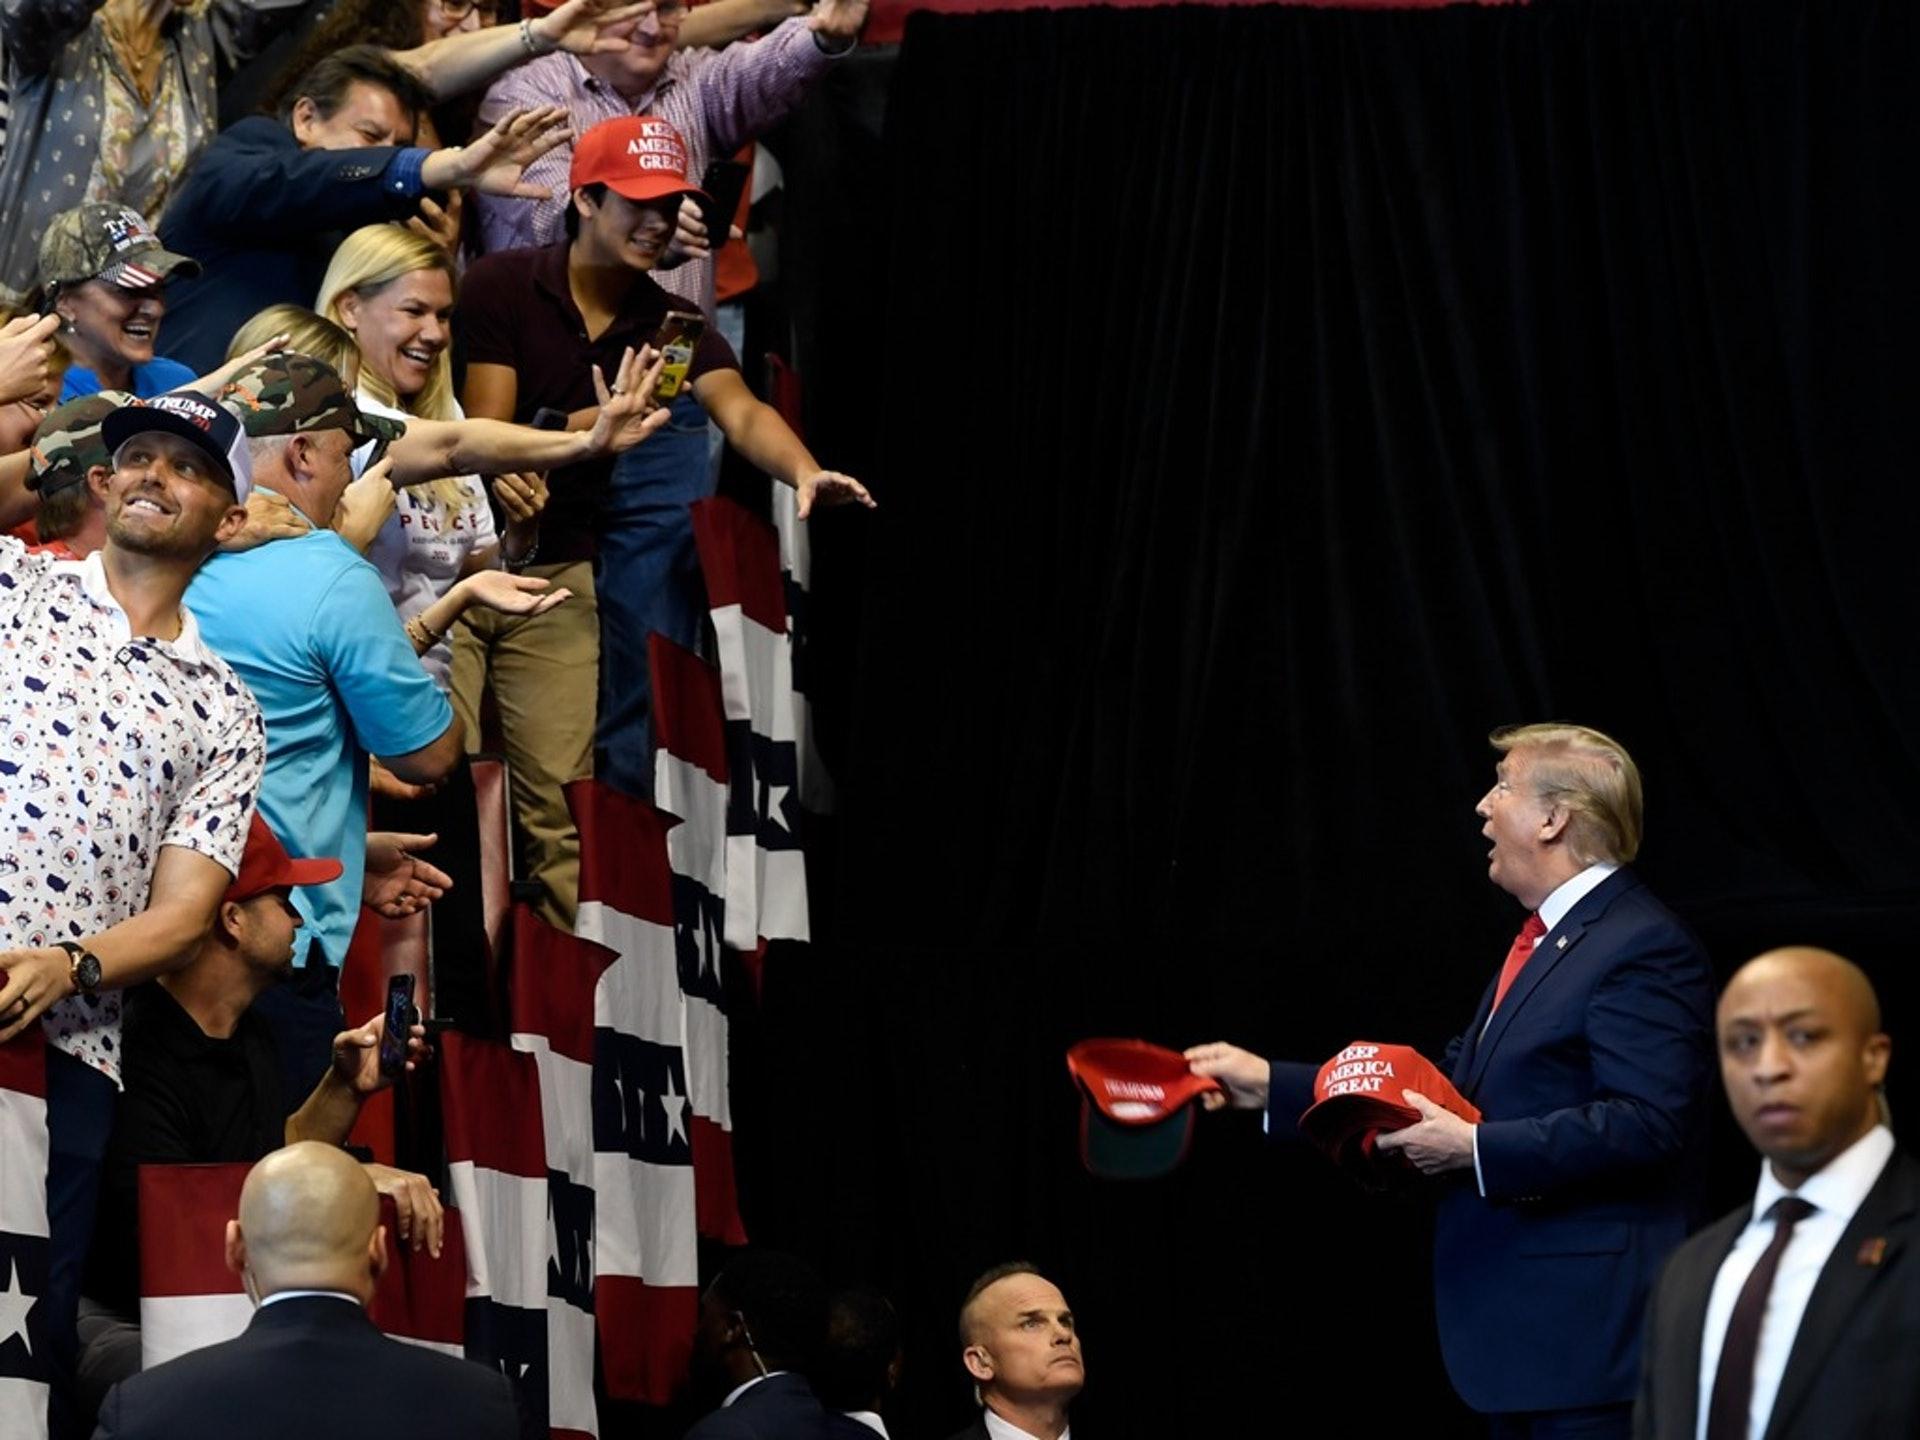 11月26日,美國總統特朗普在佛羅里達州出席政治集會,之後他開始在該州的海湖莊園度過感恩節。(AP)